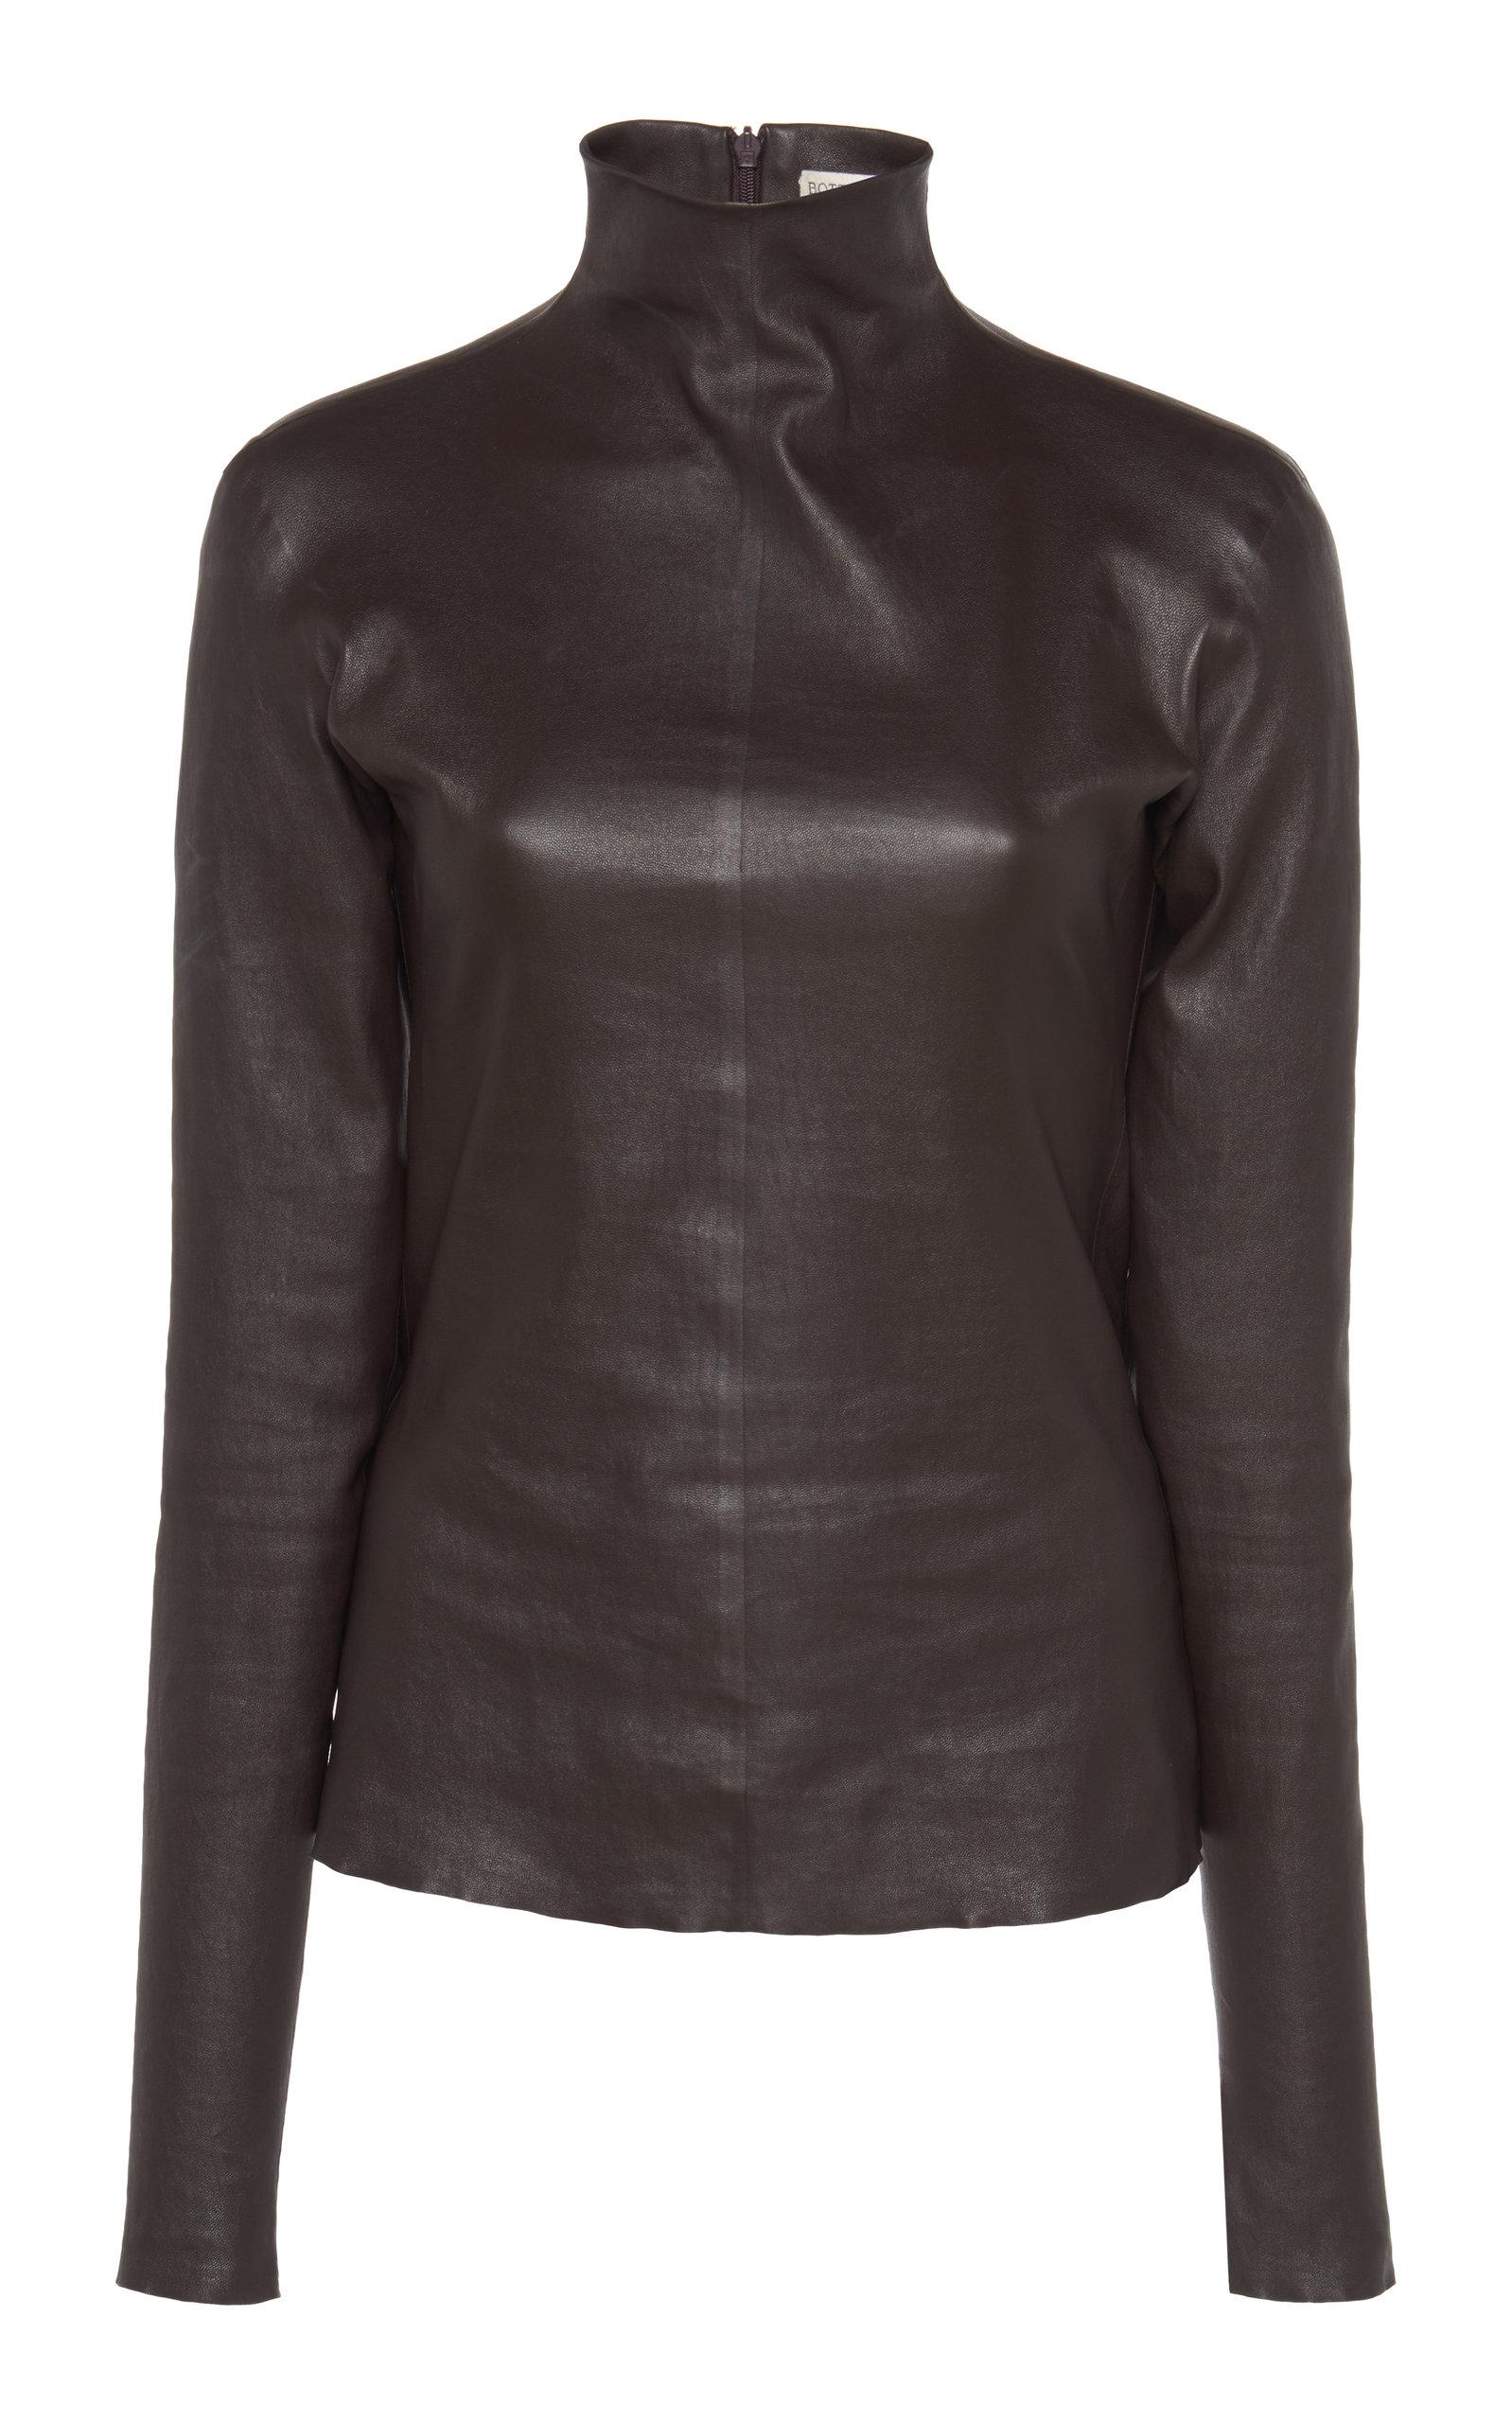 Bottega Veneta – Women's Mock Neck Leather Top – Brown – Moda Operandi